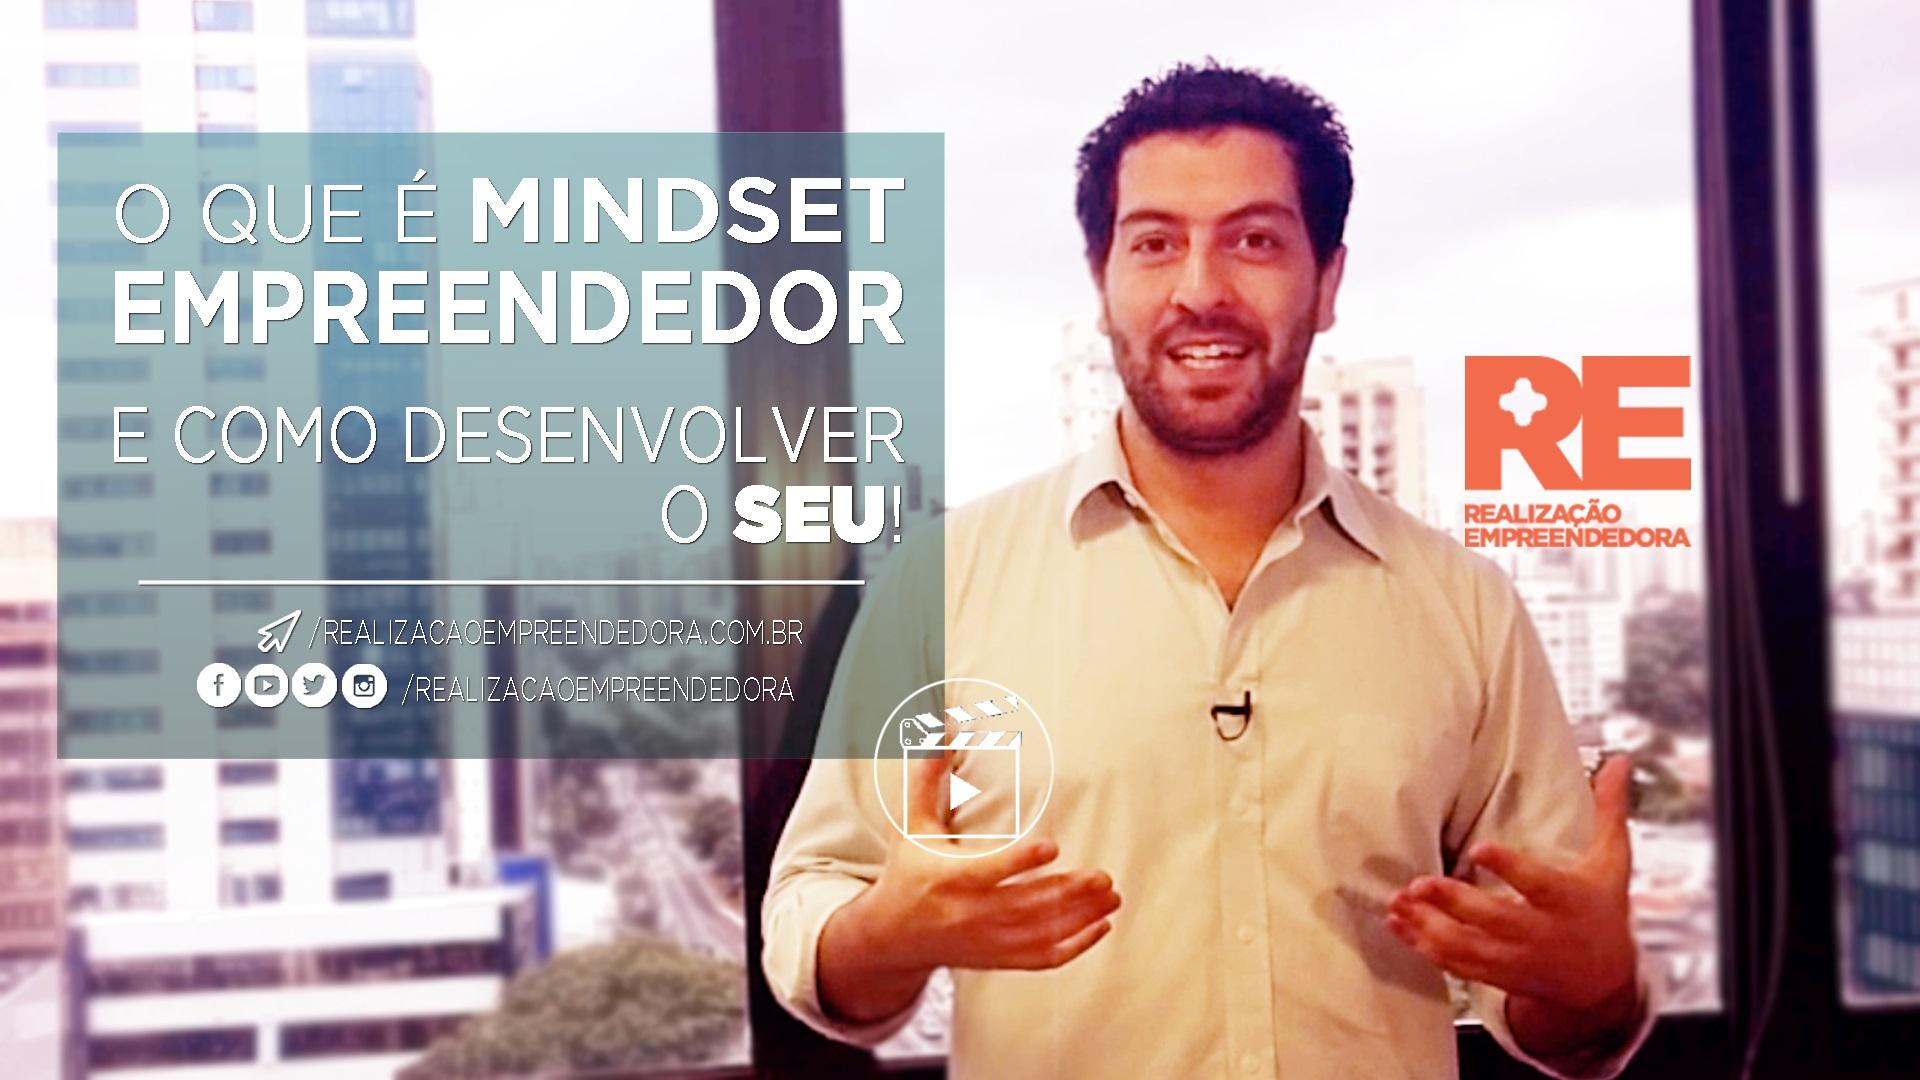 Realização Empreendedora - O Que É Mindset Empreendedor E Como Desenvolver o Seu